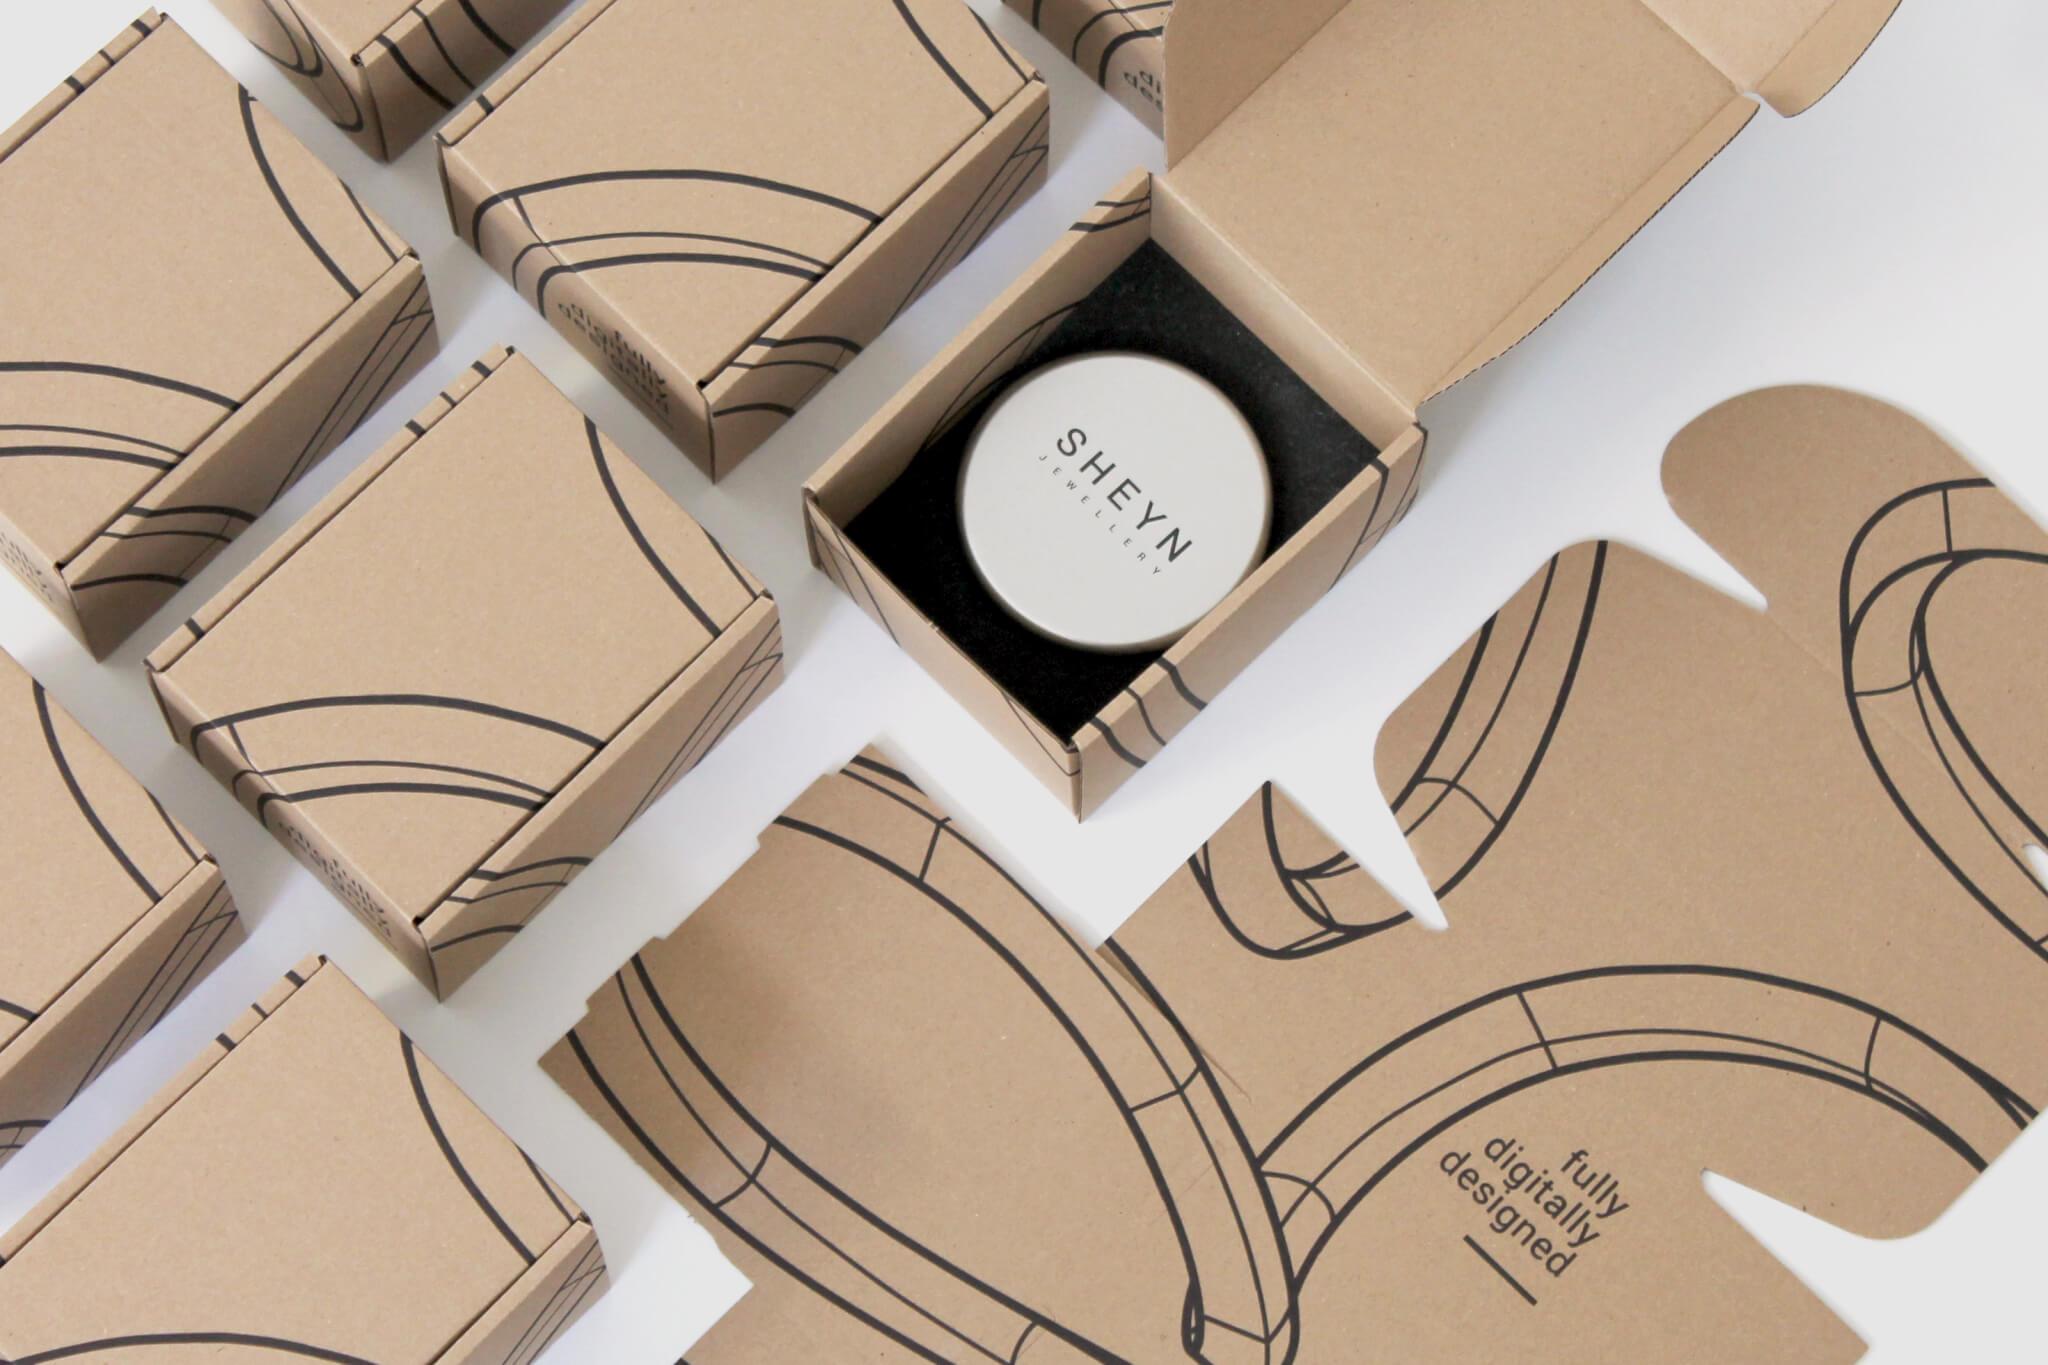 Petites boîtes en carton de luxe pour les bijoux Sheyn